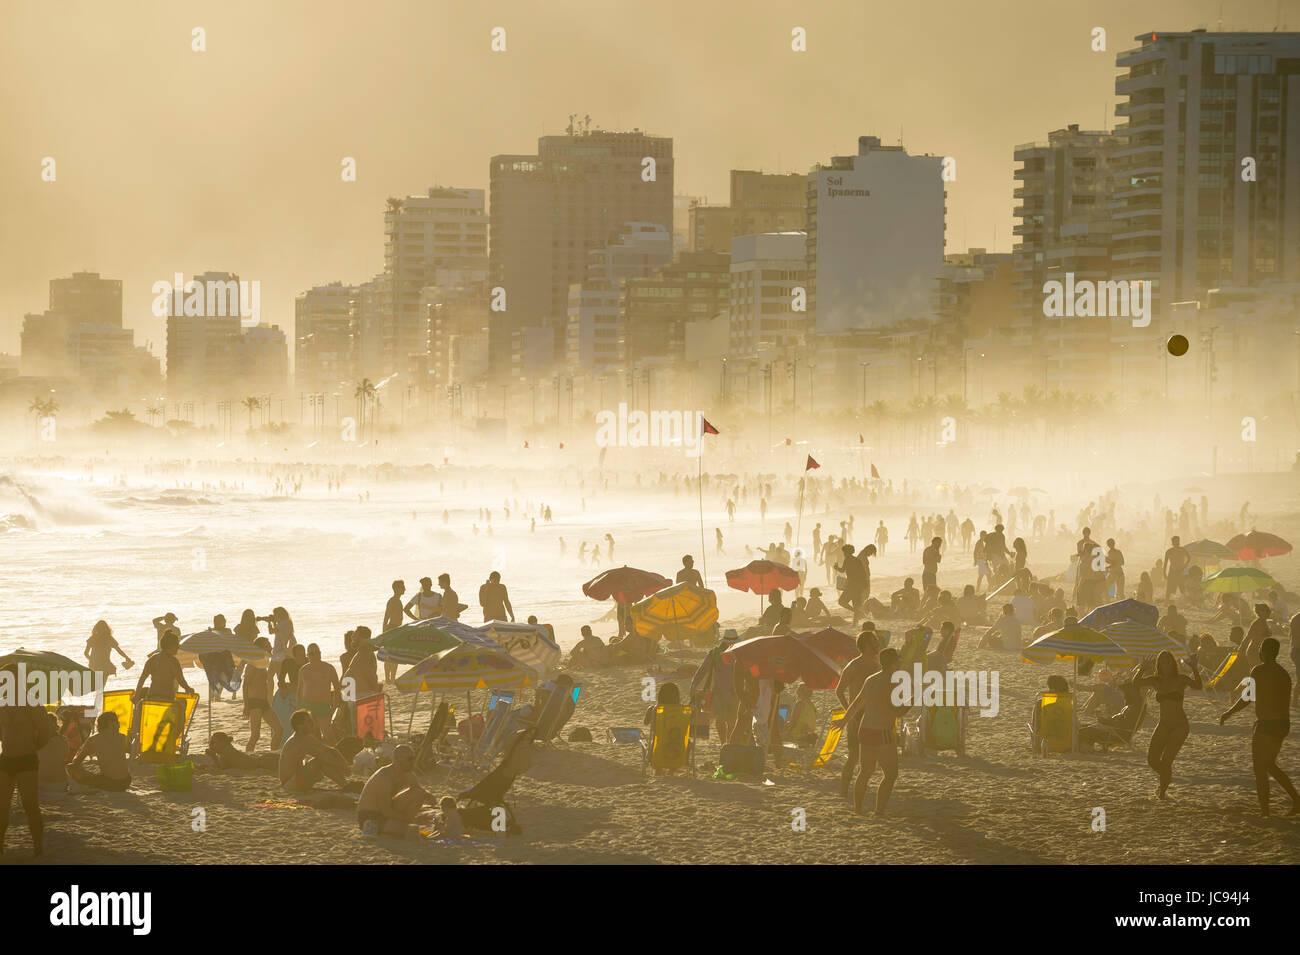 RIO DE JANEIRO - Marzo 20, 2017: siluetas de personas saborean el golden misty sunset orillas de la playa de Ipanema Imagen De Stock